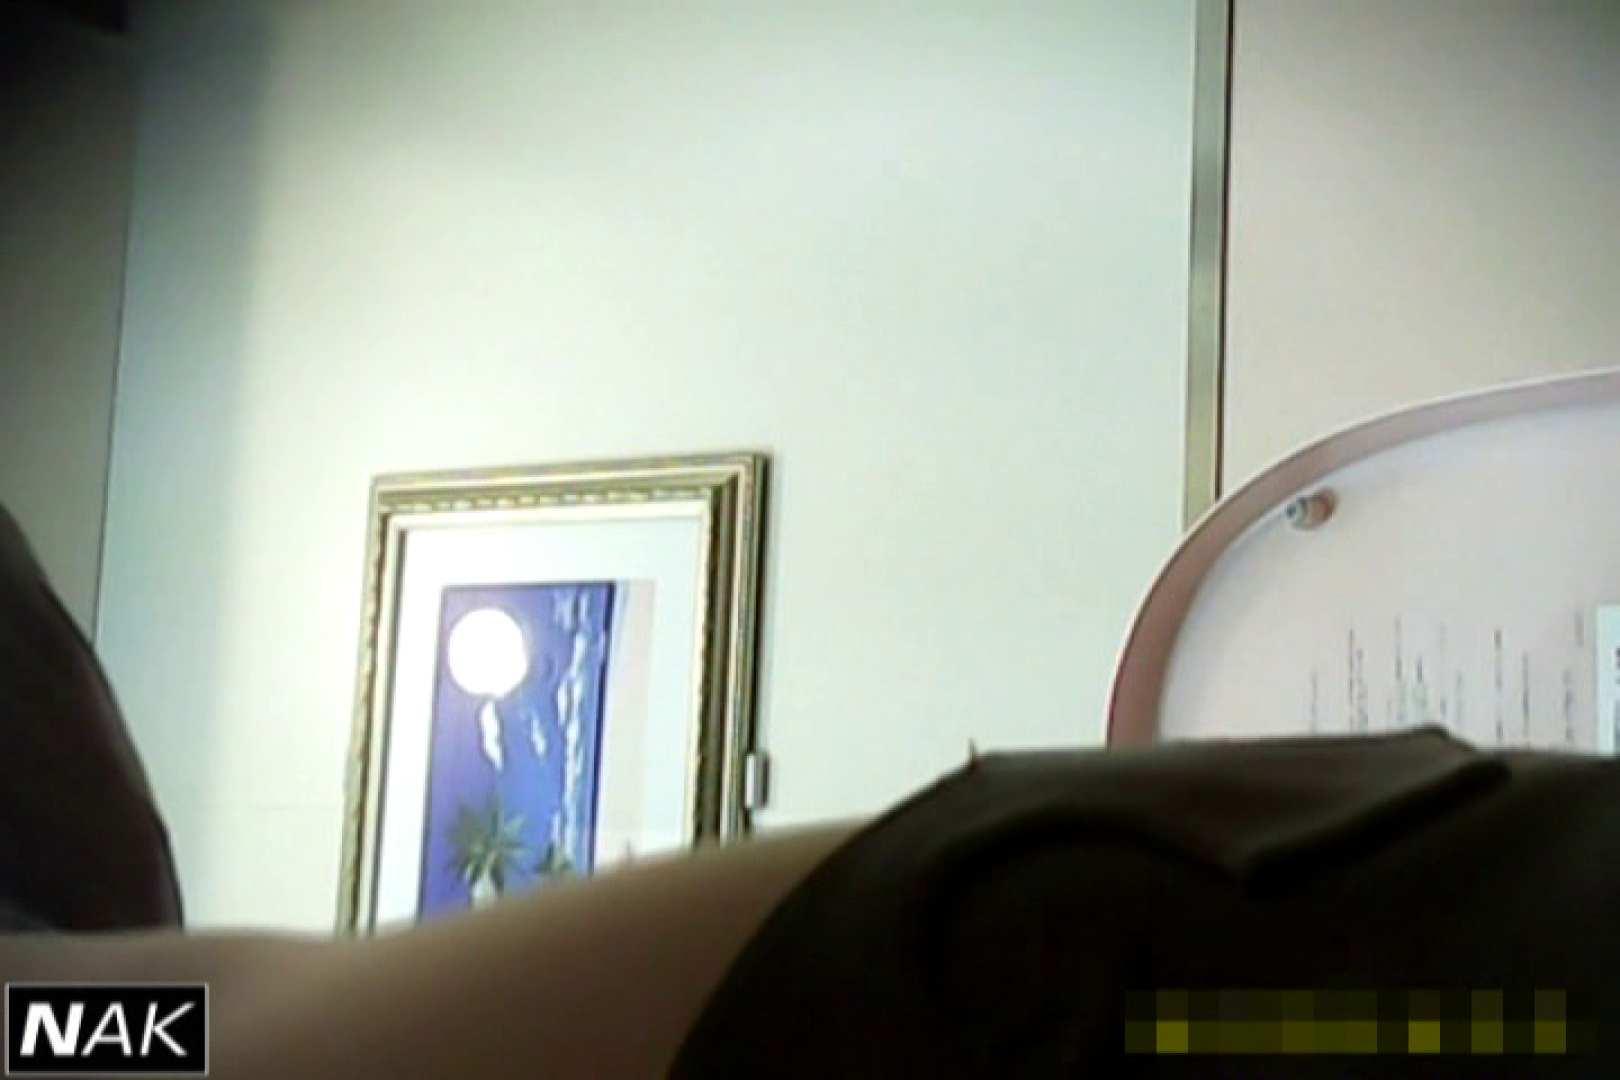 超高画質5000K!脅威の1点集中かわや! vol.01 マンコ・ムレムレ アダルト動画キャプチャ 89pic 51